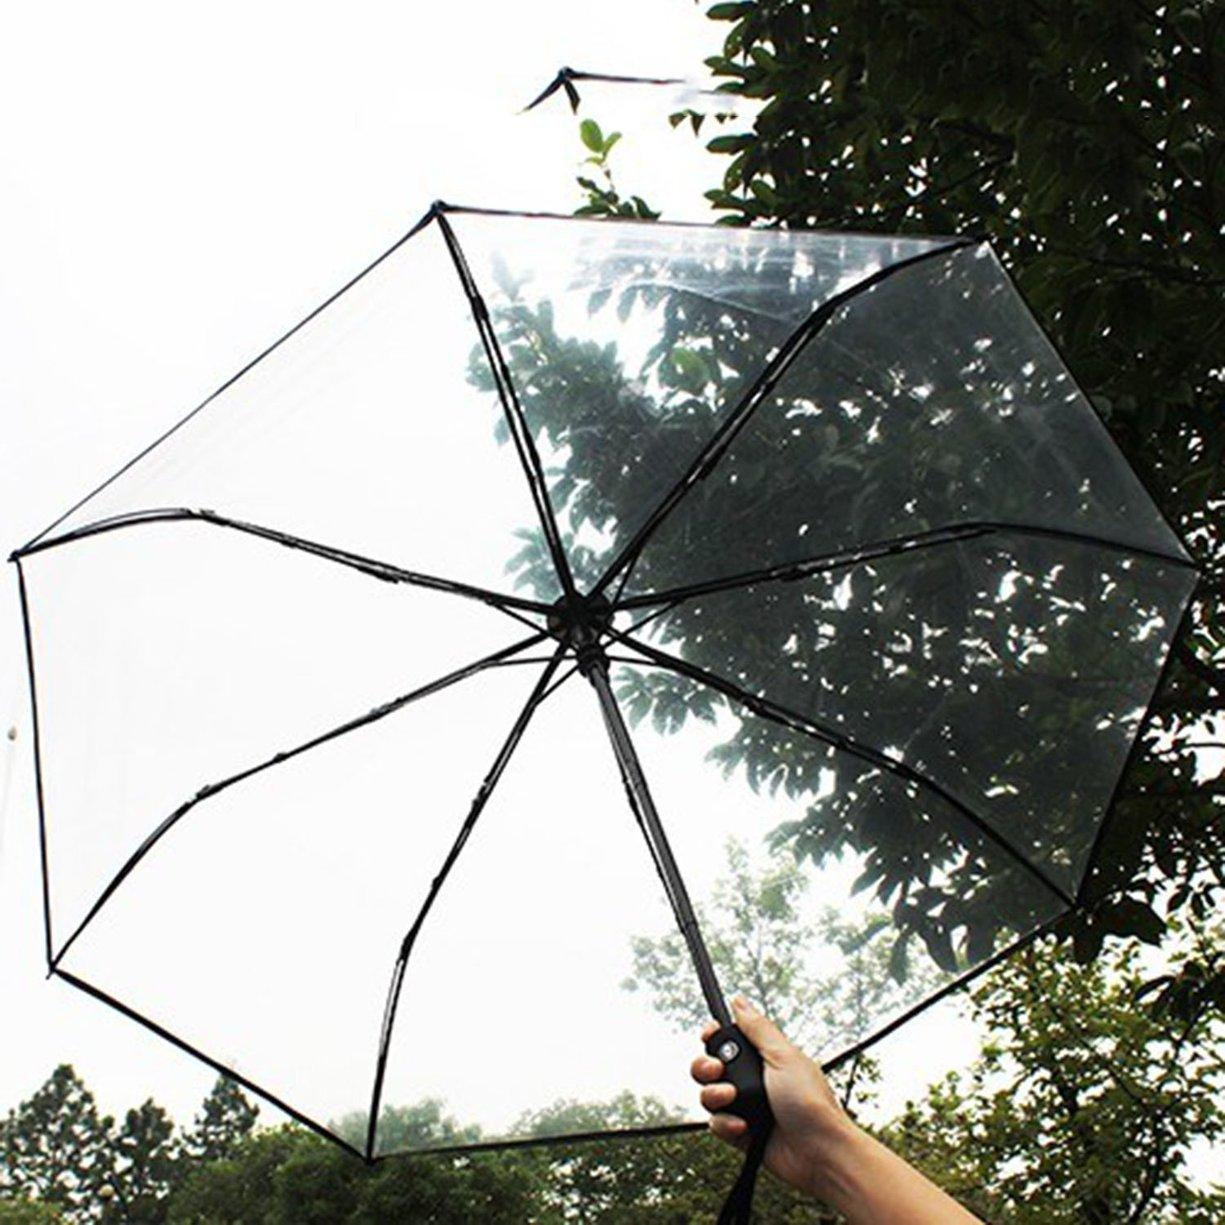 Paraguas transparente para mujer, Paraguas de lluvia con forma de domo, Paraguas auto abierto para palillos, Paraguas de viaje completamente automático, ...